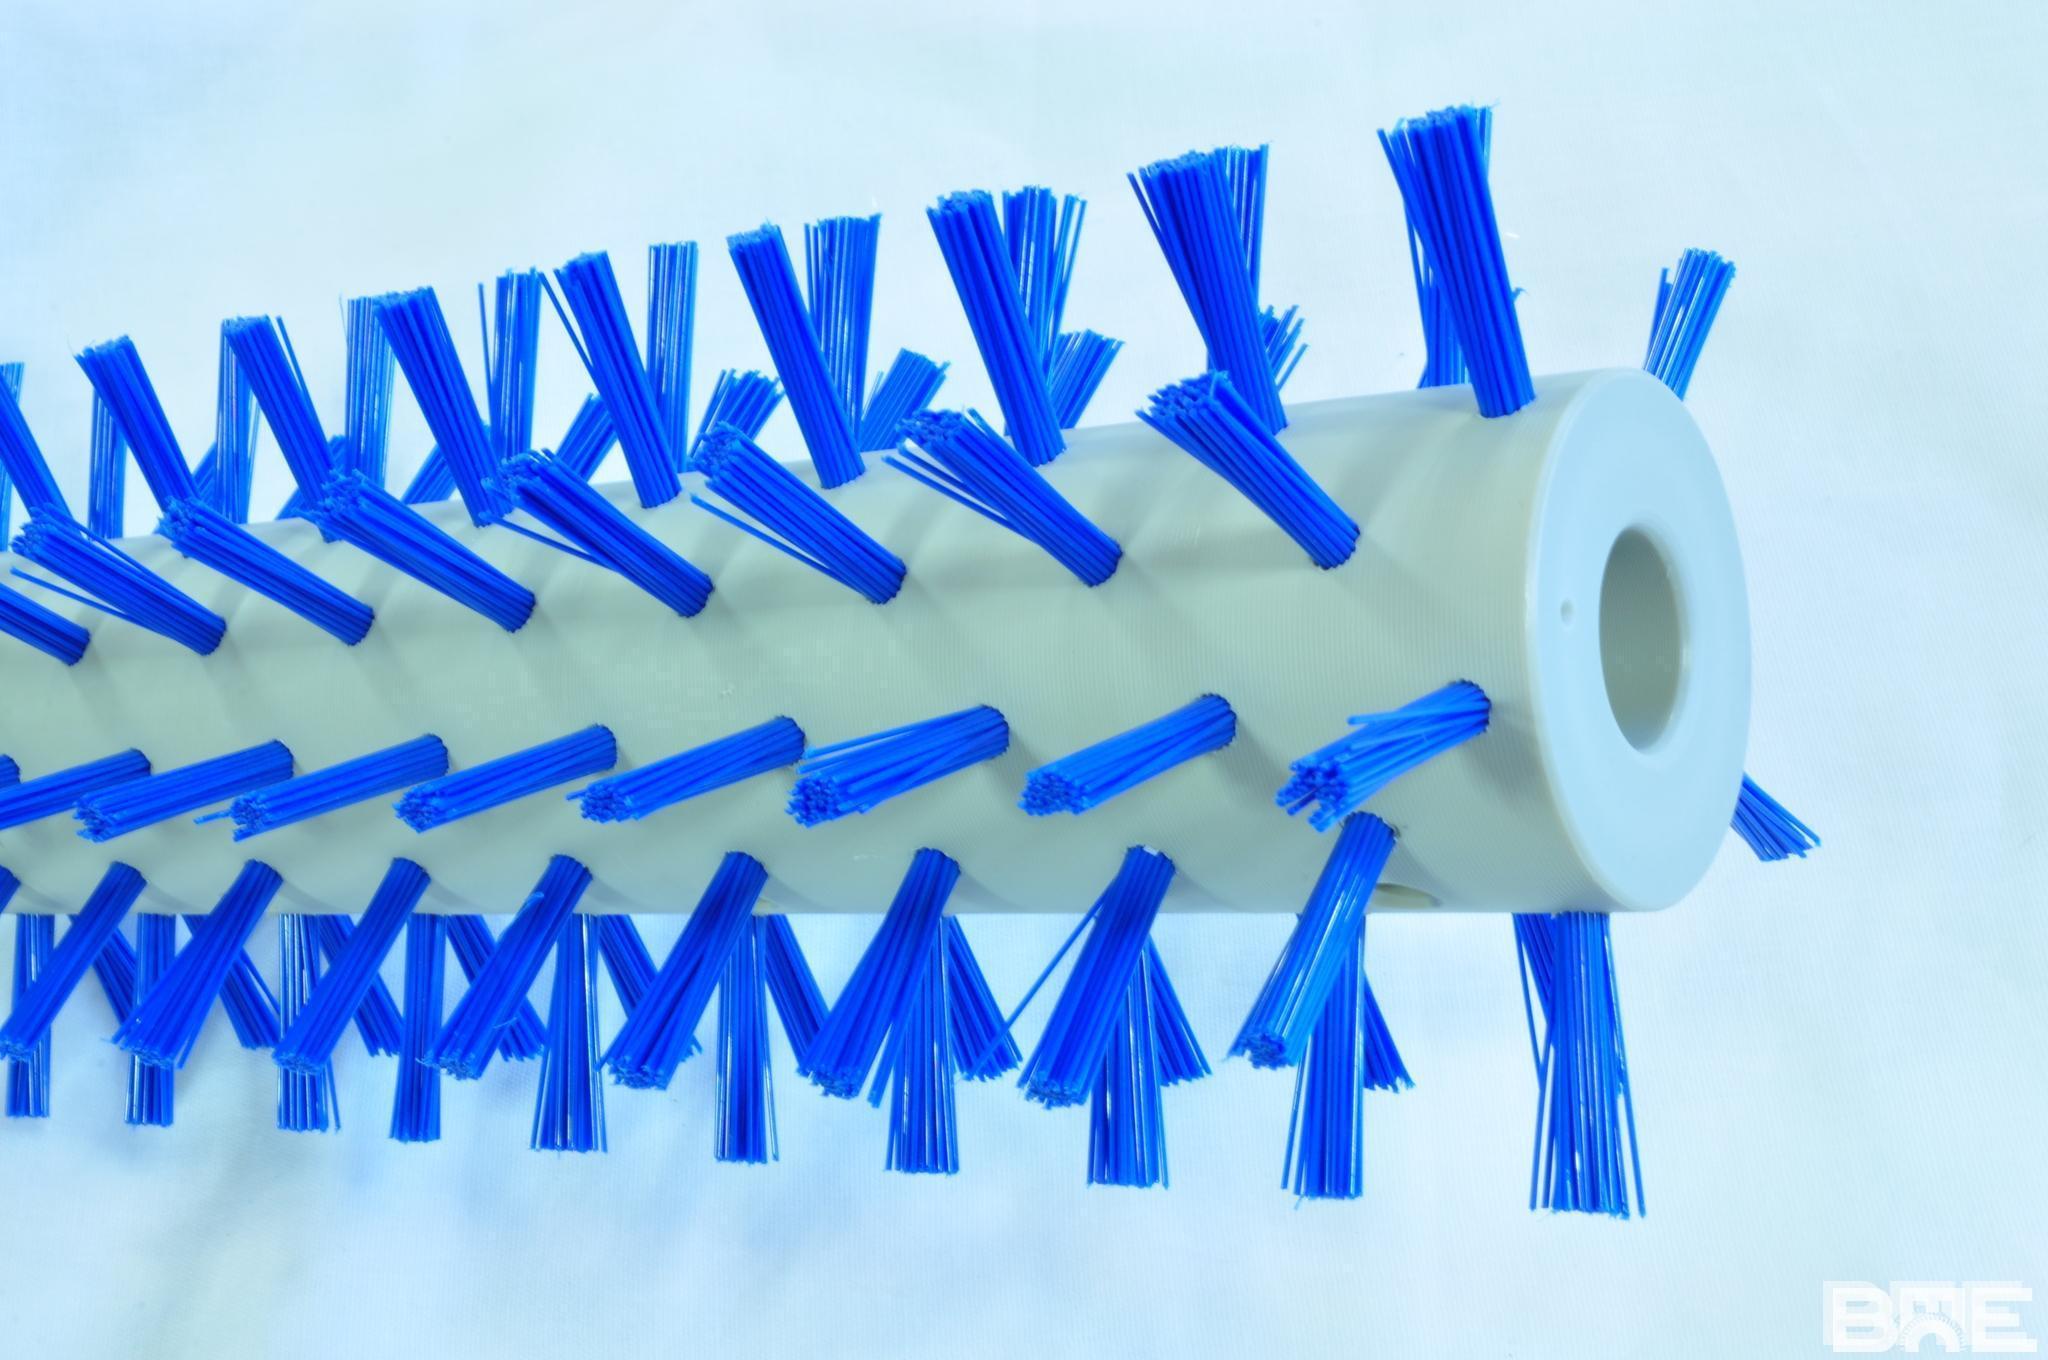 Brosse rotative alimentaire avec garnissage faible densité